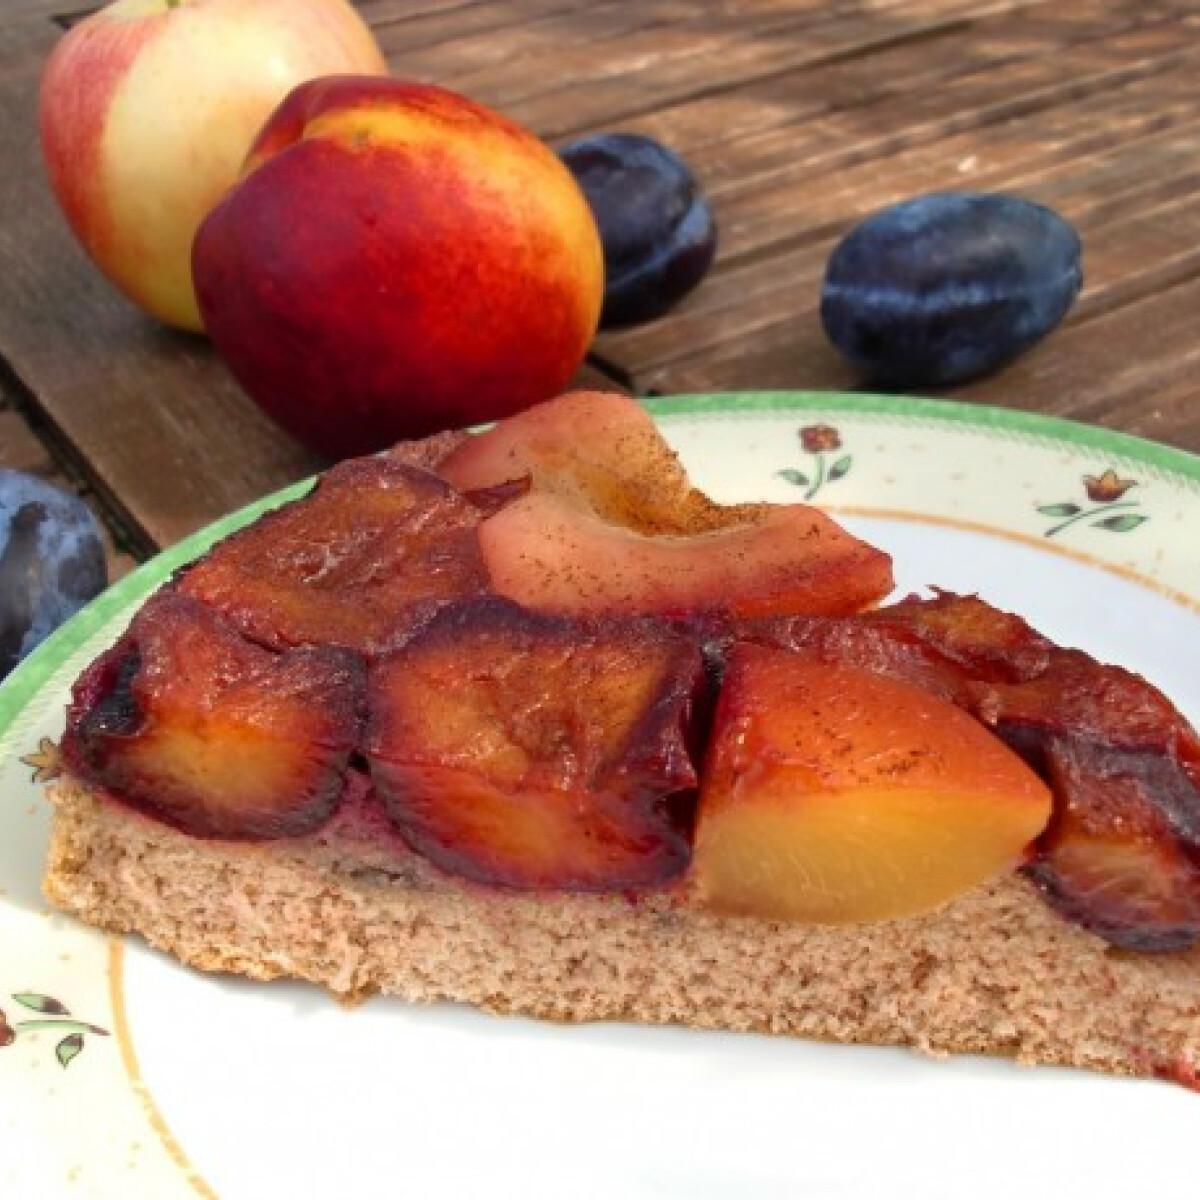 Ezen a képen: Őszi gyümölcsmentő torta hajdinalisztből